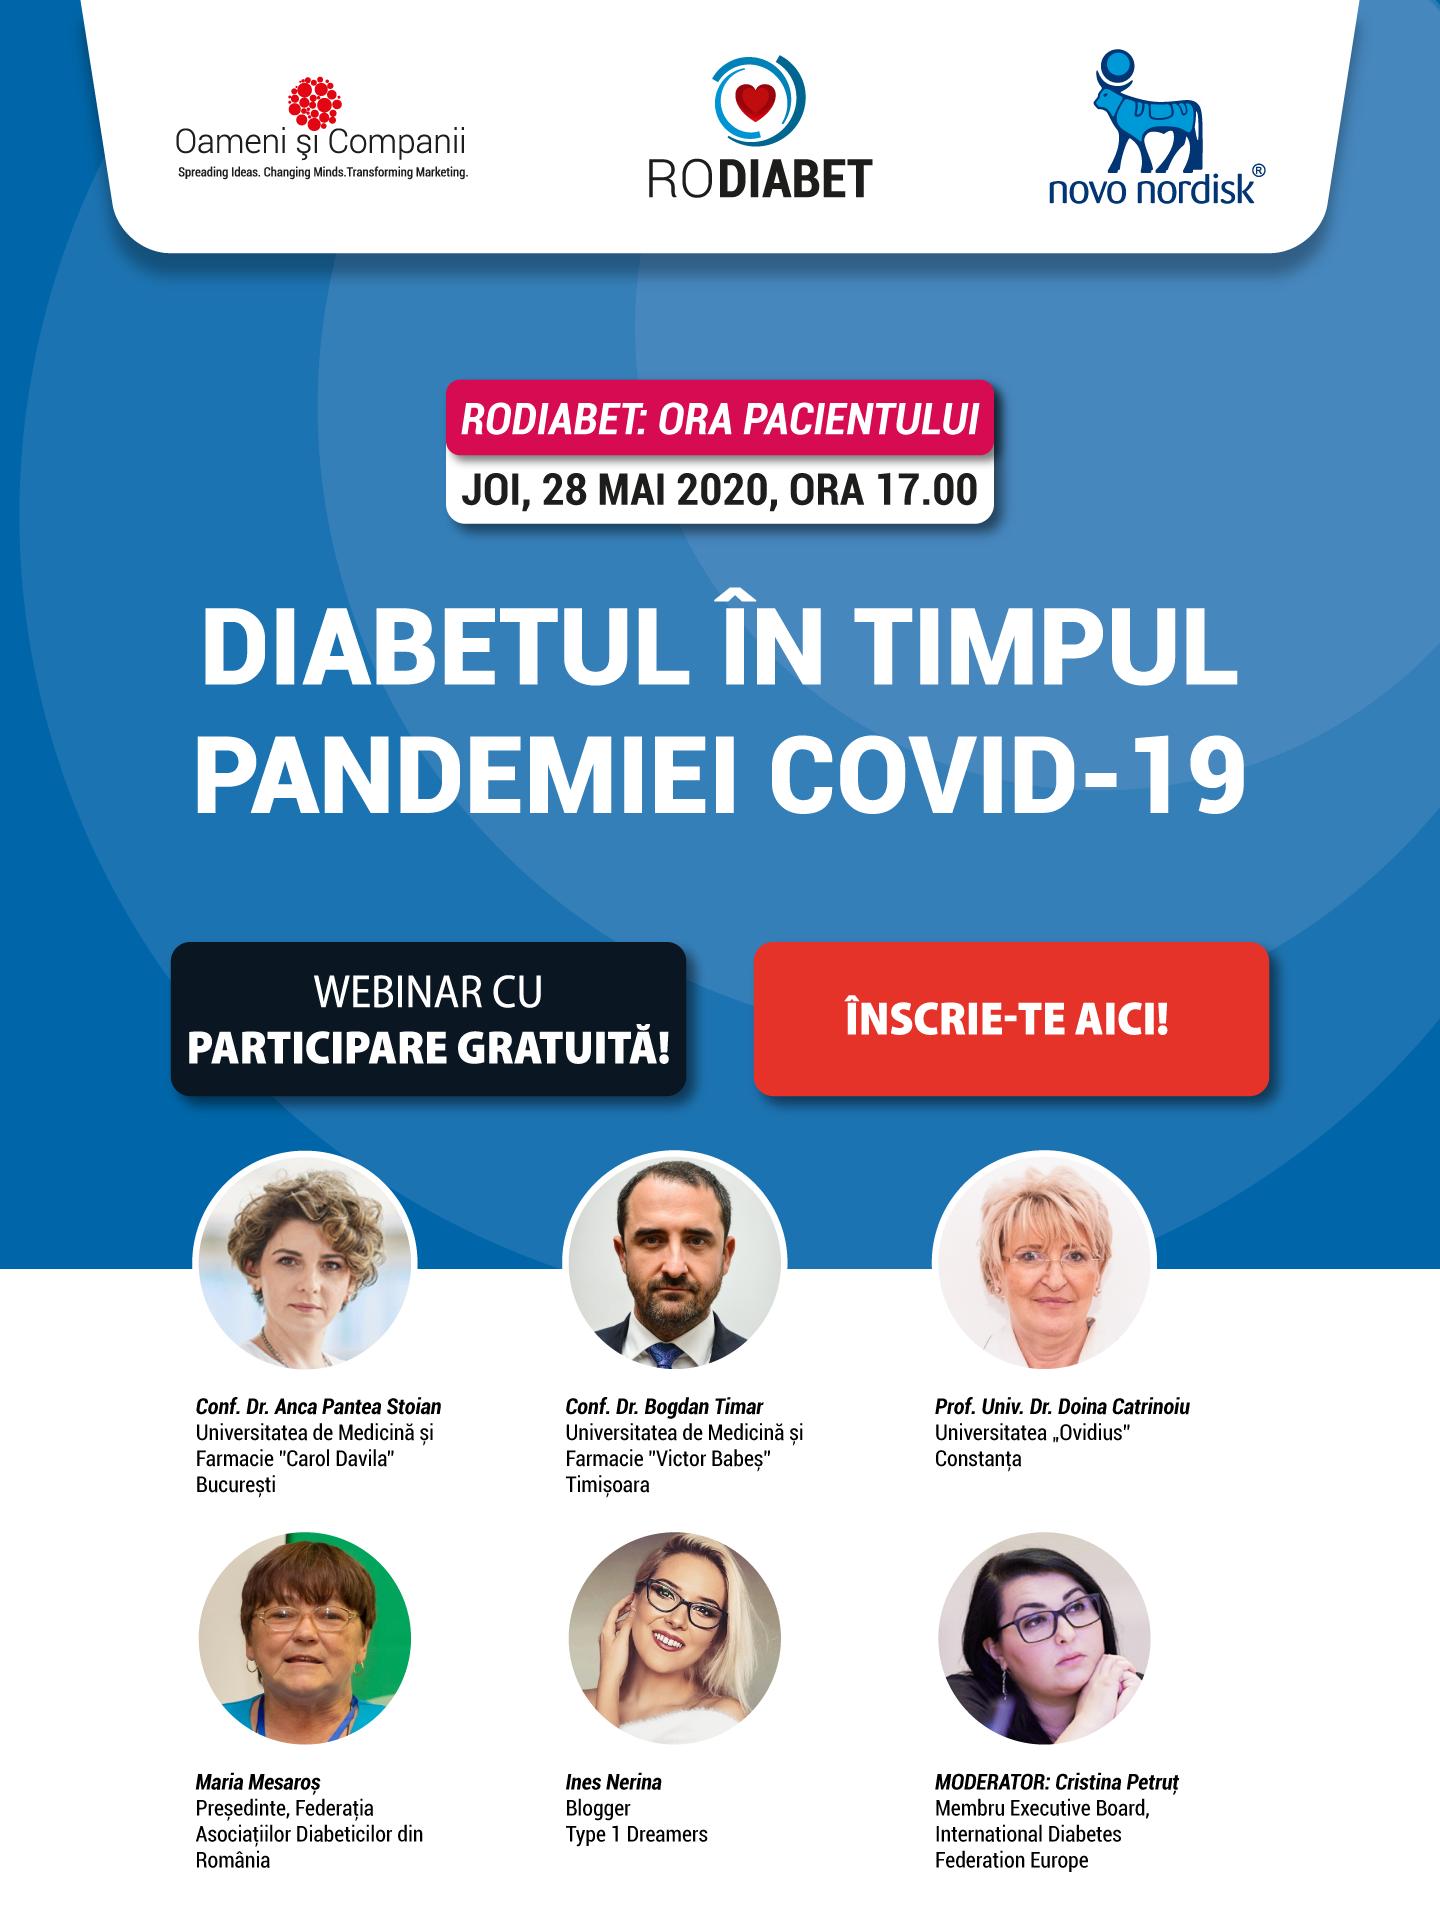 Webinar RoDiabet: Ora Pacientului, joi 28 mai 2020